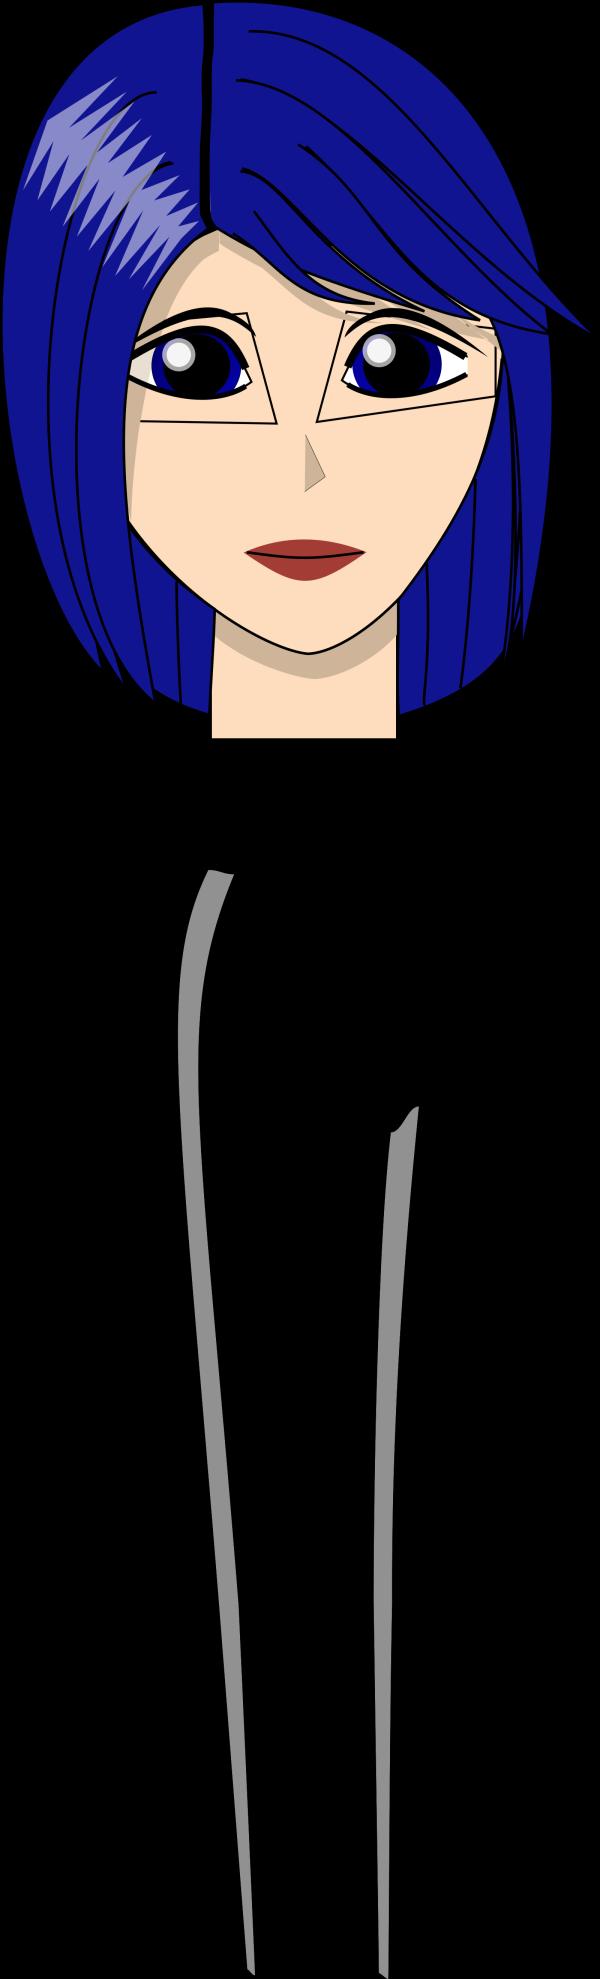 Blue Cartoon Left Foot PNG Clip art